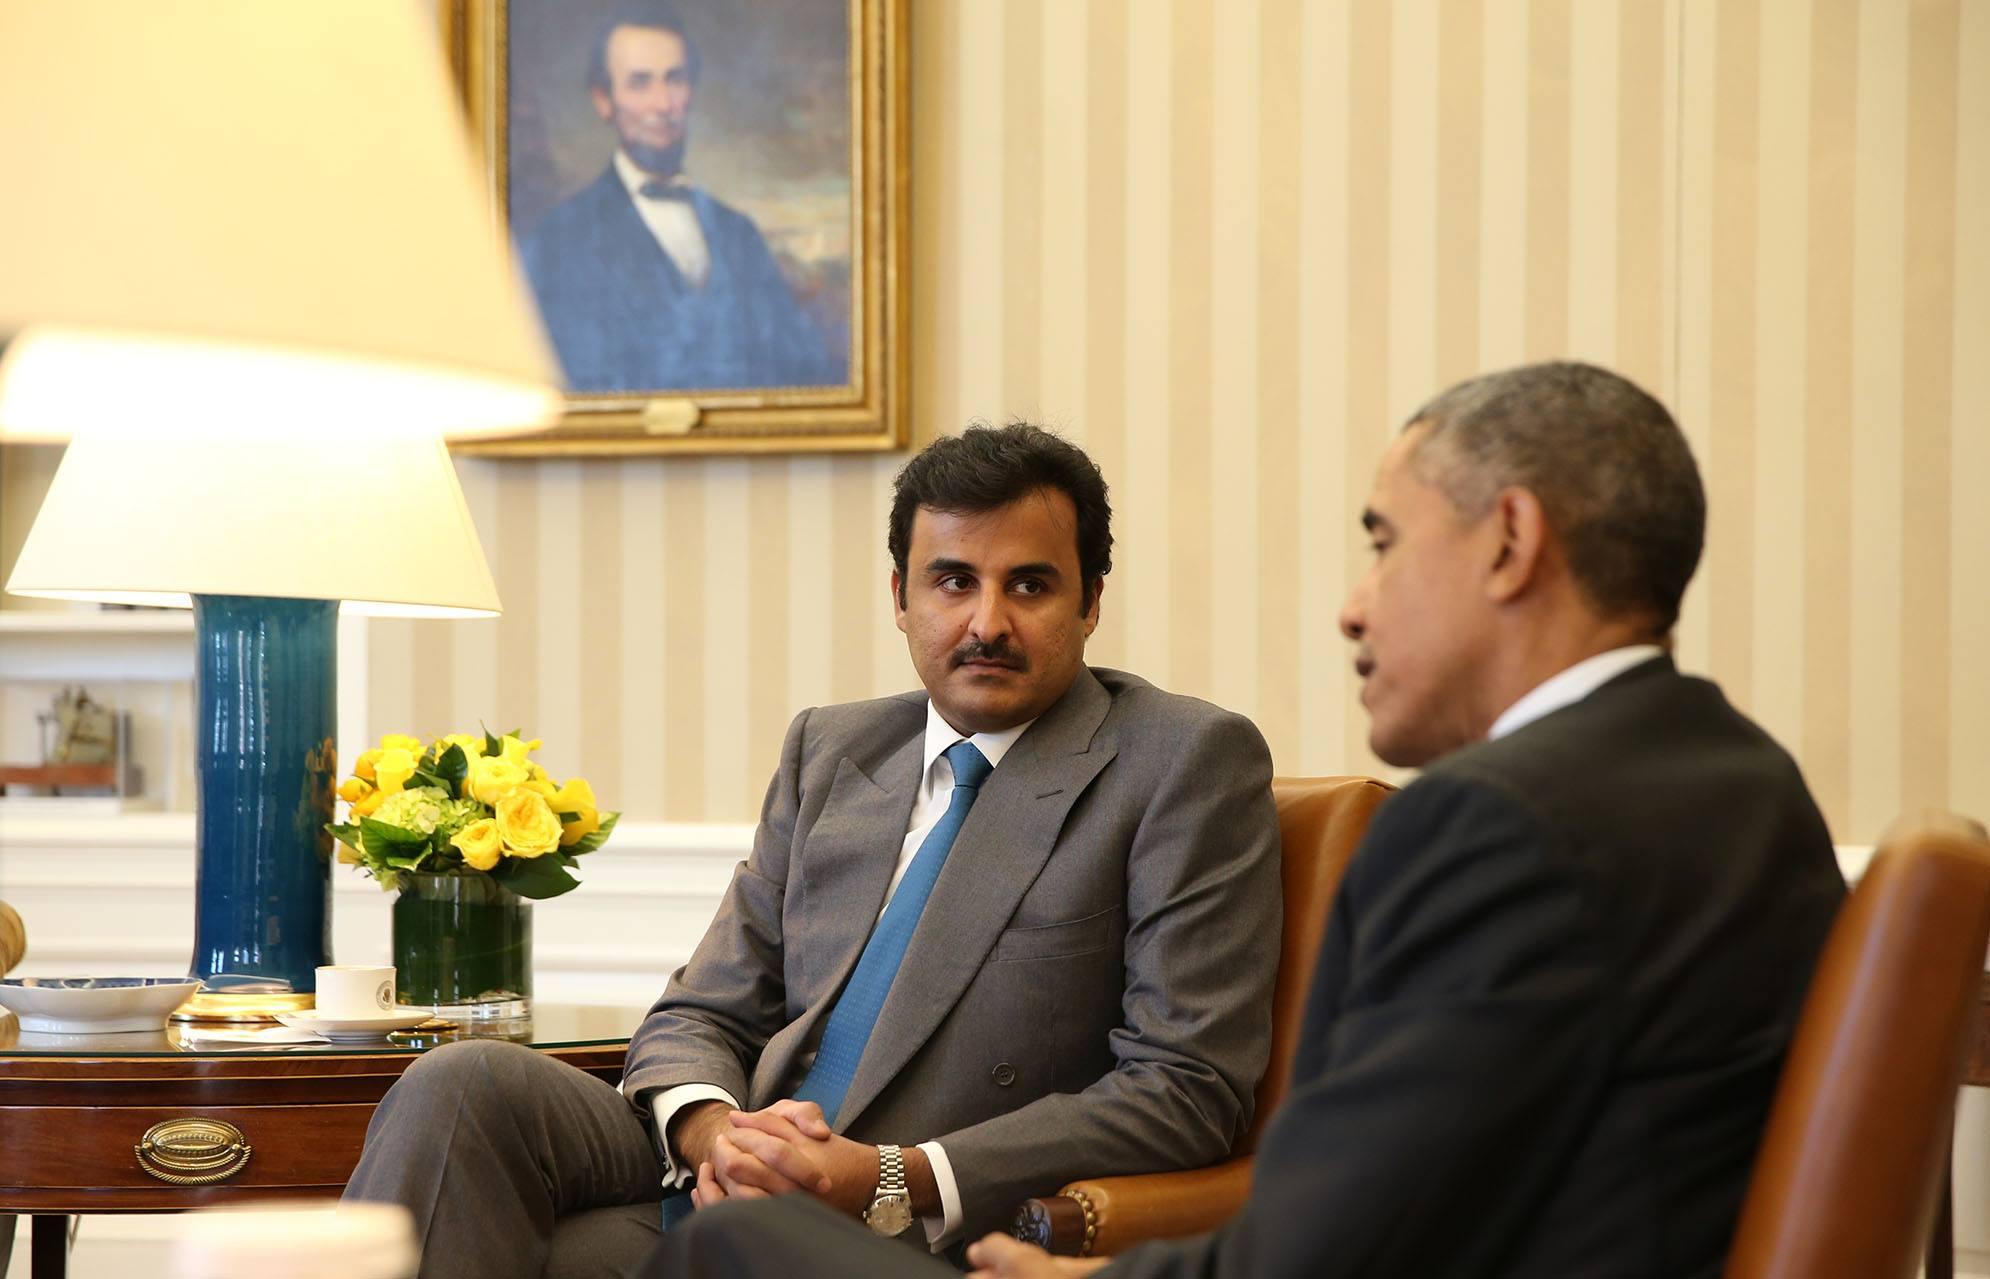 المونيتور: كيف تواجه قطر الدعاية الخليجية- الإسرائيلية المضادة لها؟